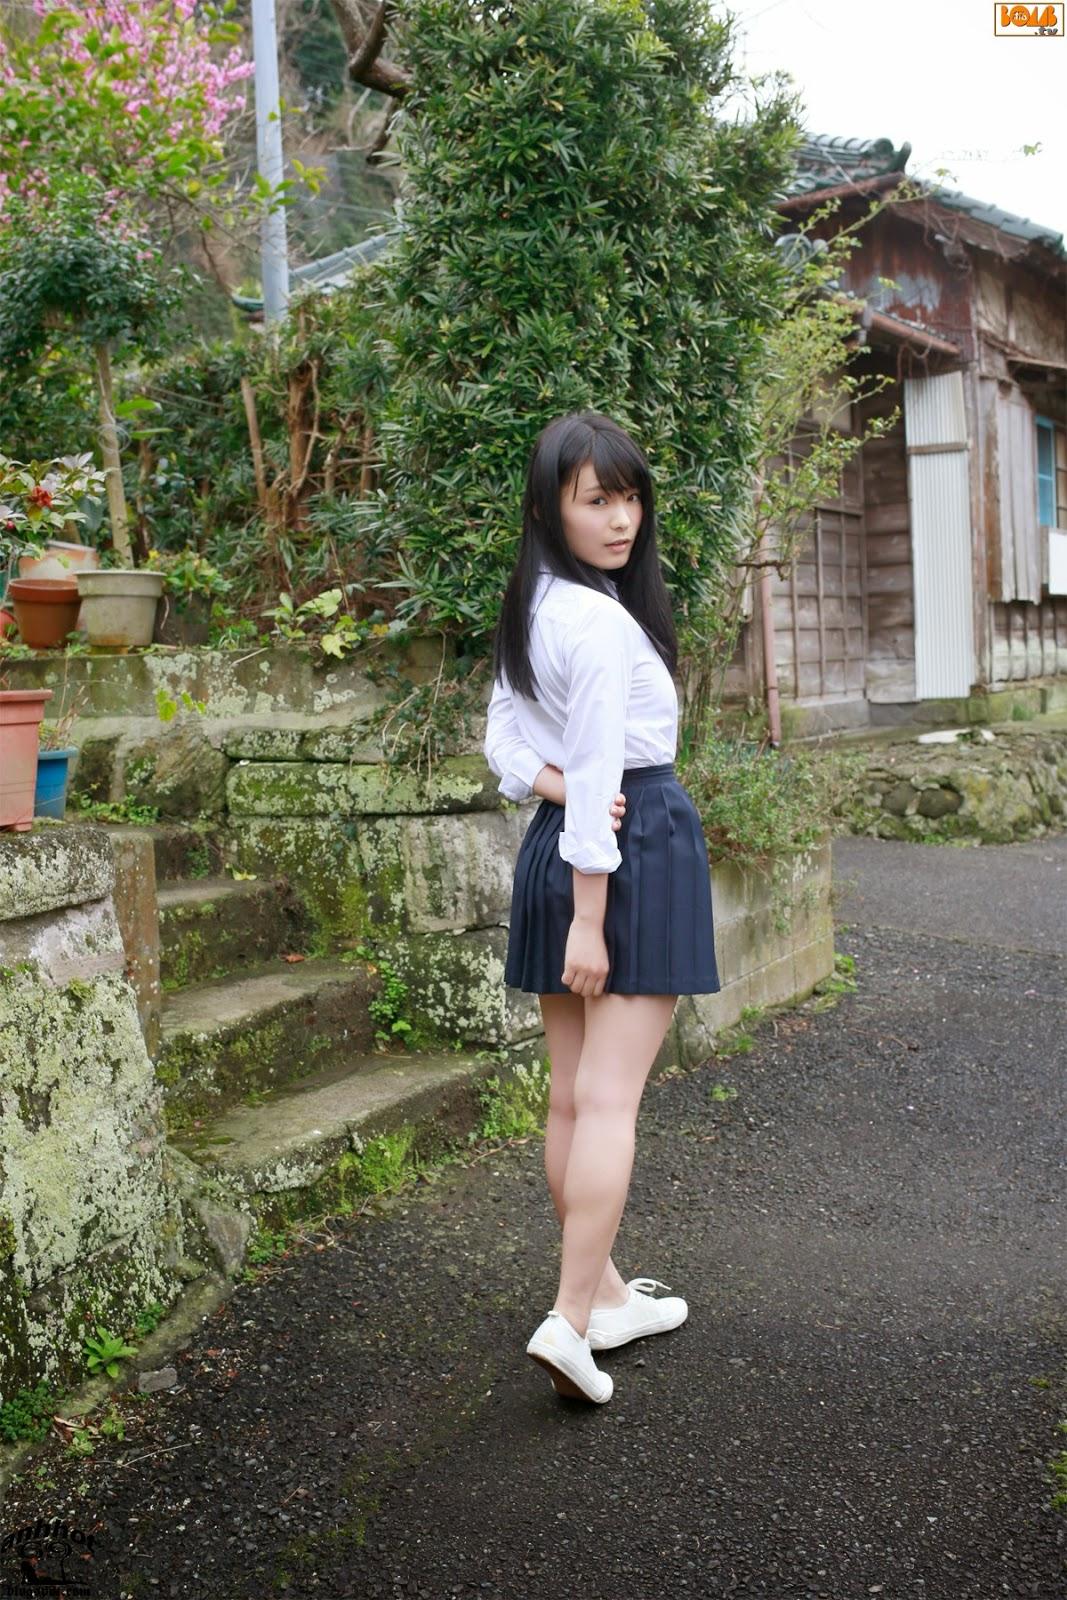 mizuki-hoshina-02127817